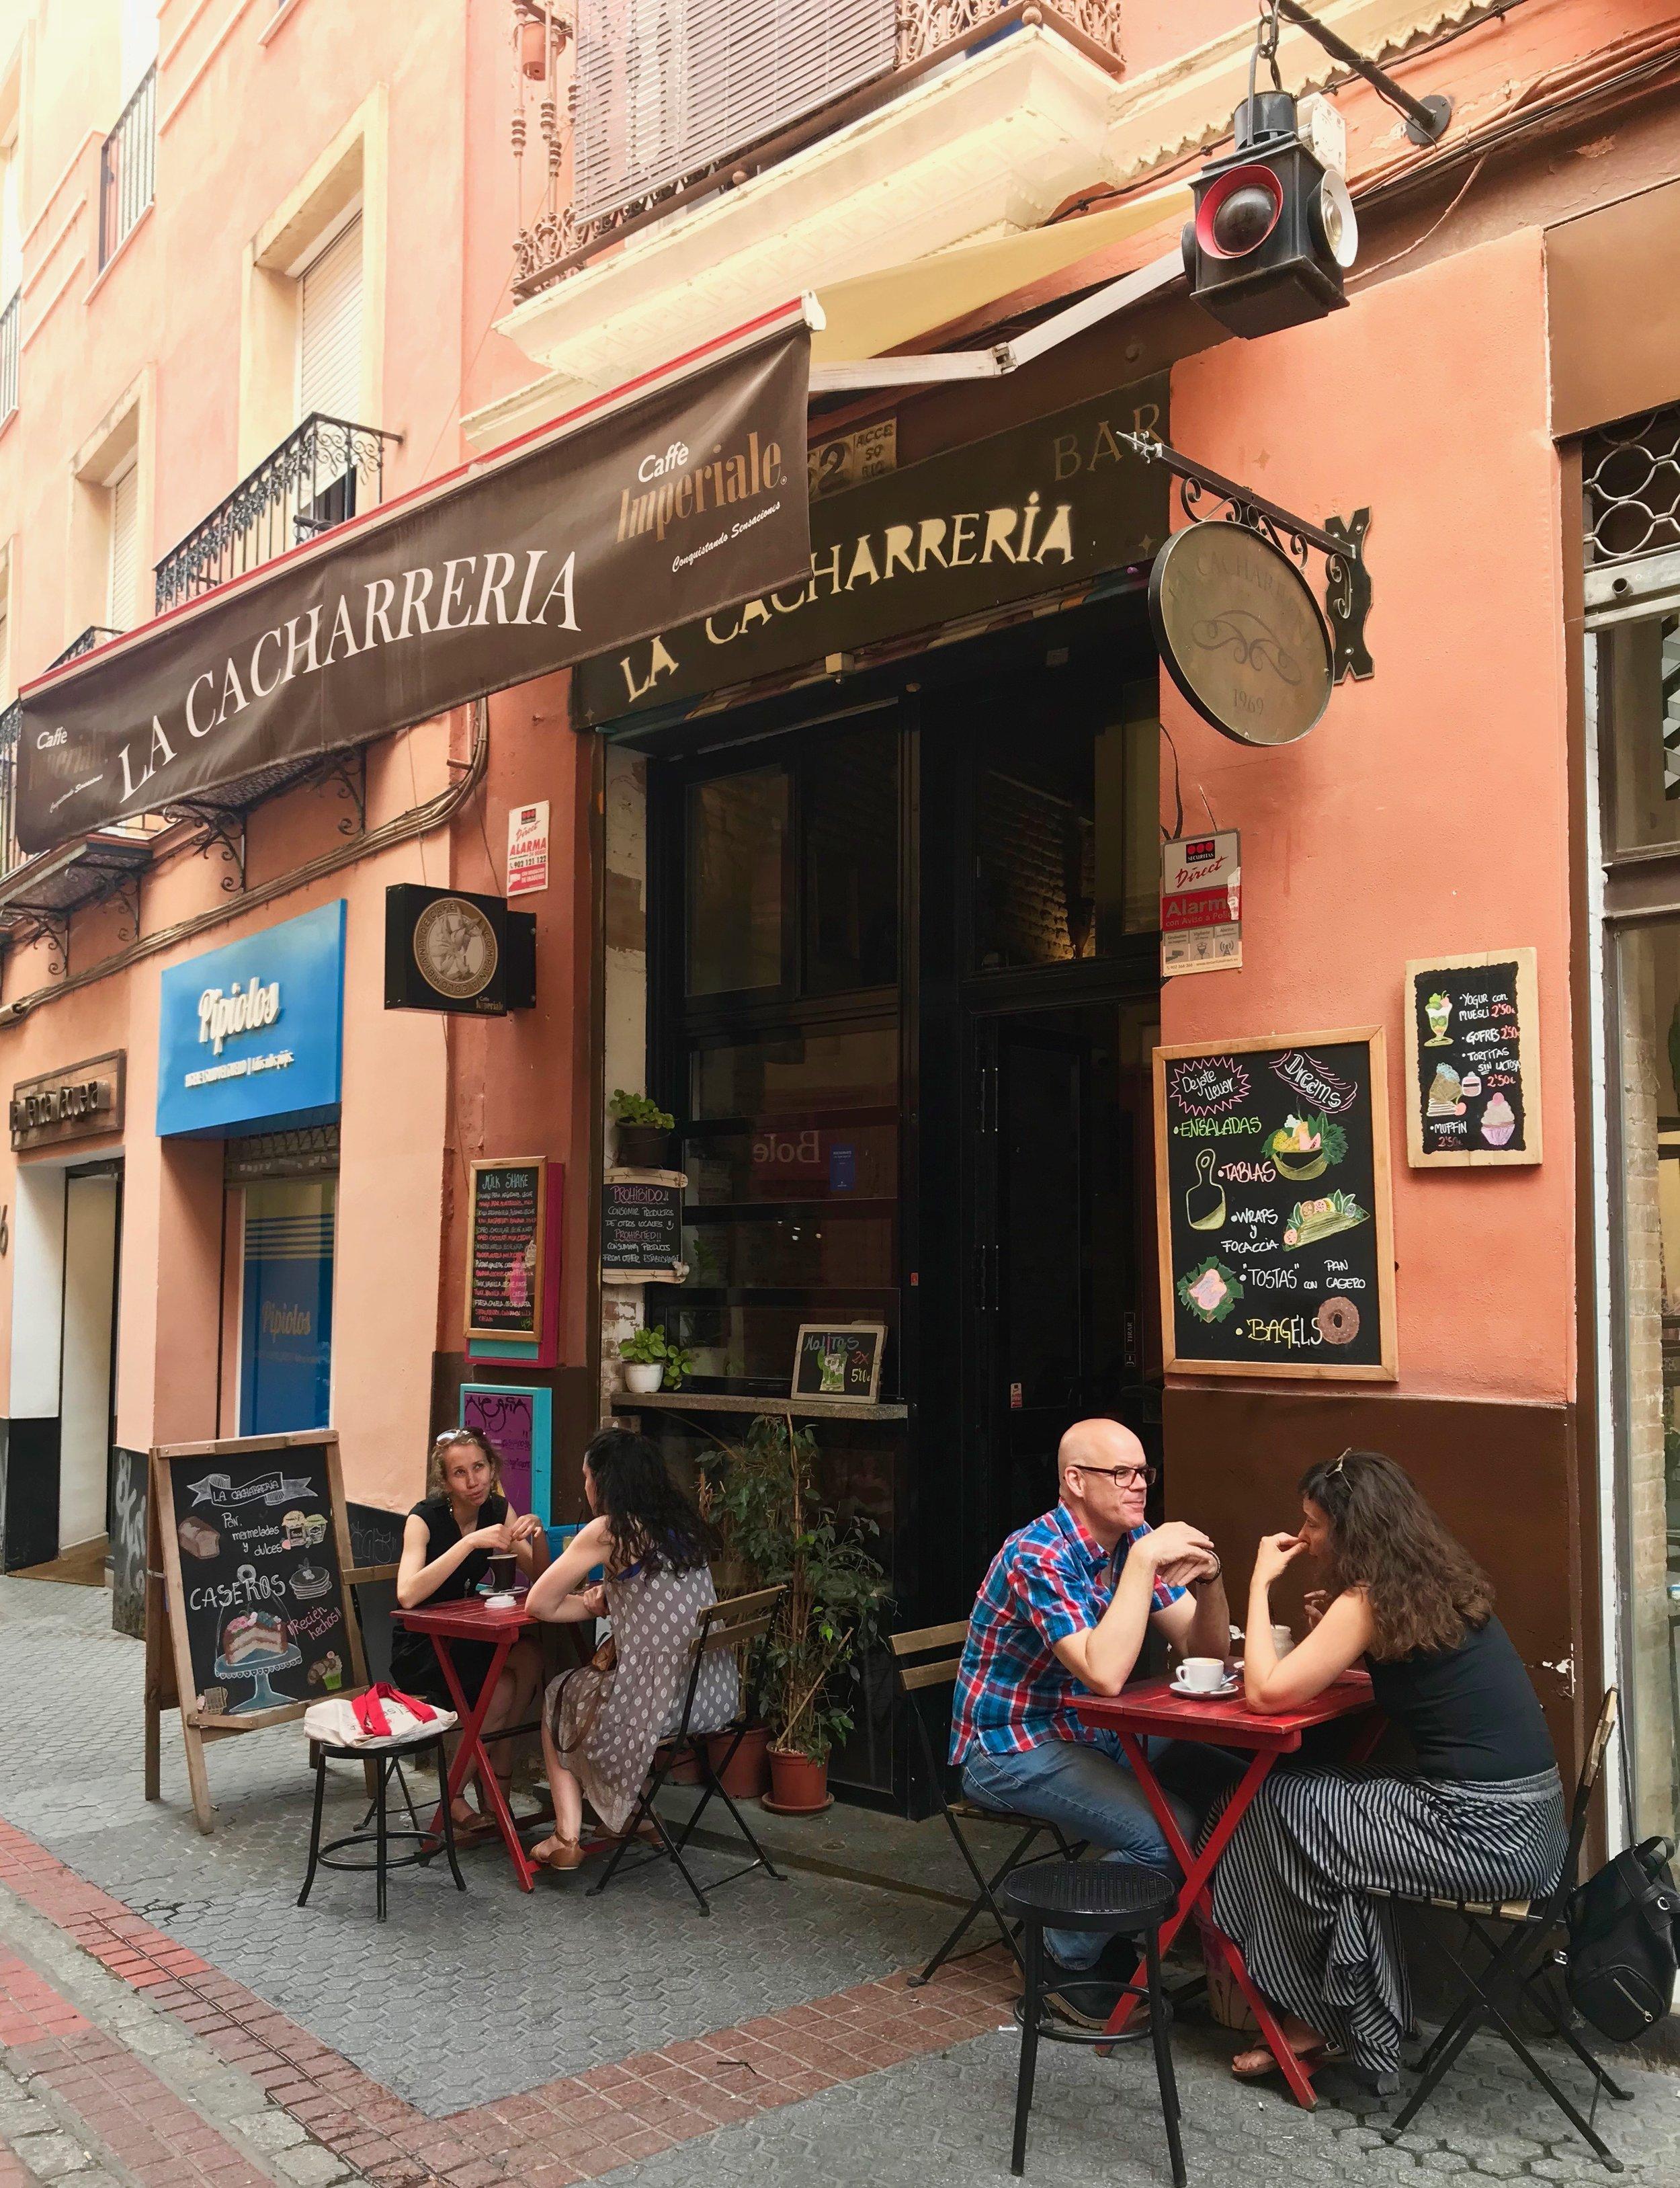 La Cacharrería_City Nibbler_Seville